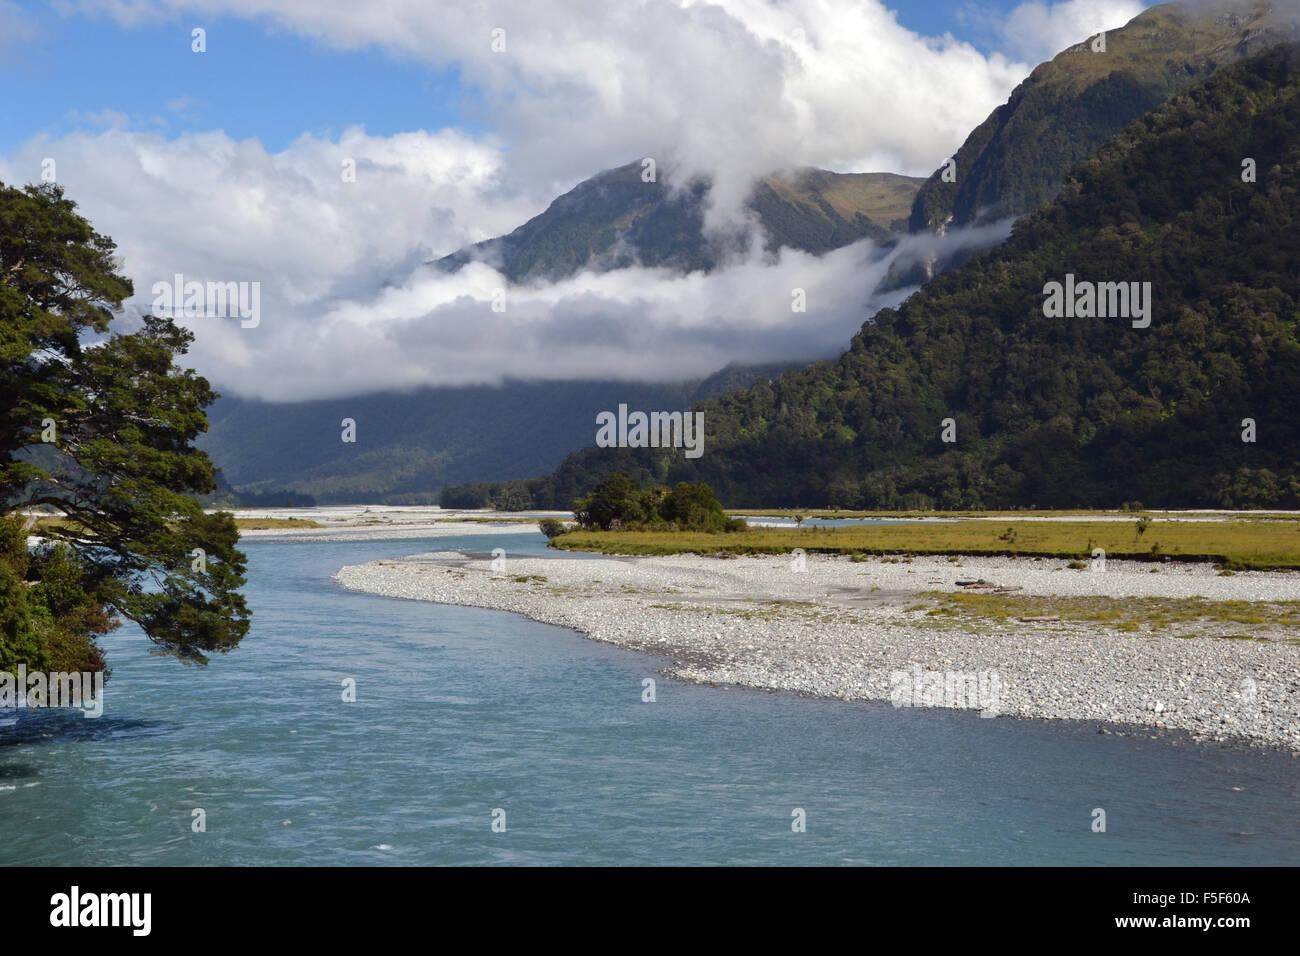 """De la Nouvelle-Zélande ou de l'Aotearoa, """"la terre du long nuage blanc"""" en maori, et une rivière, Photo Stock"""